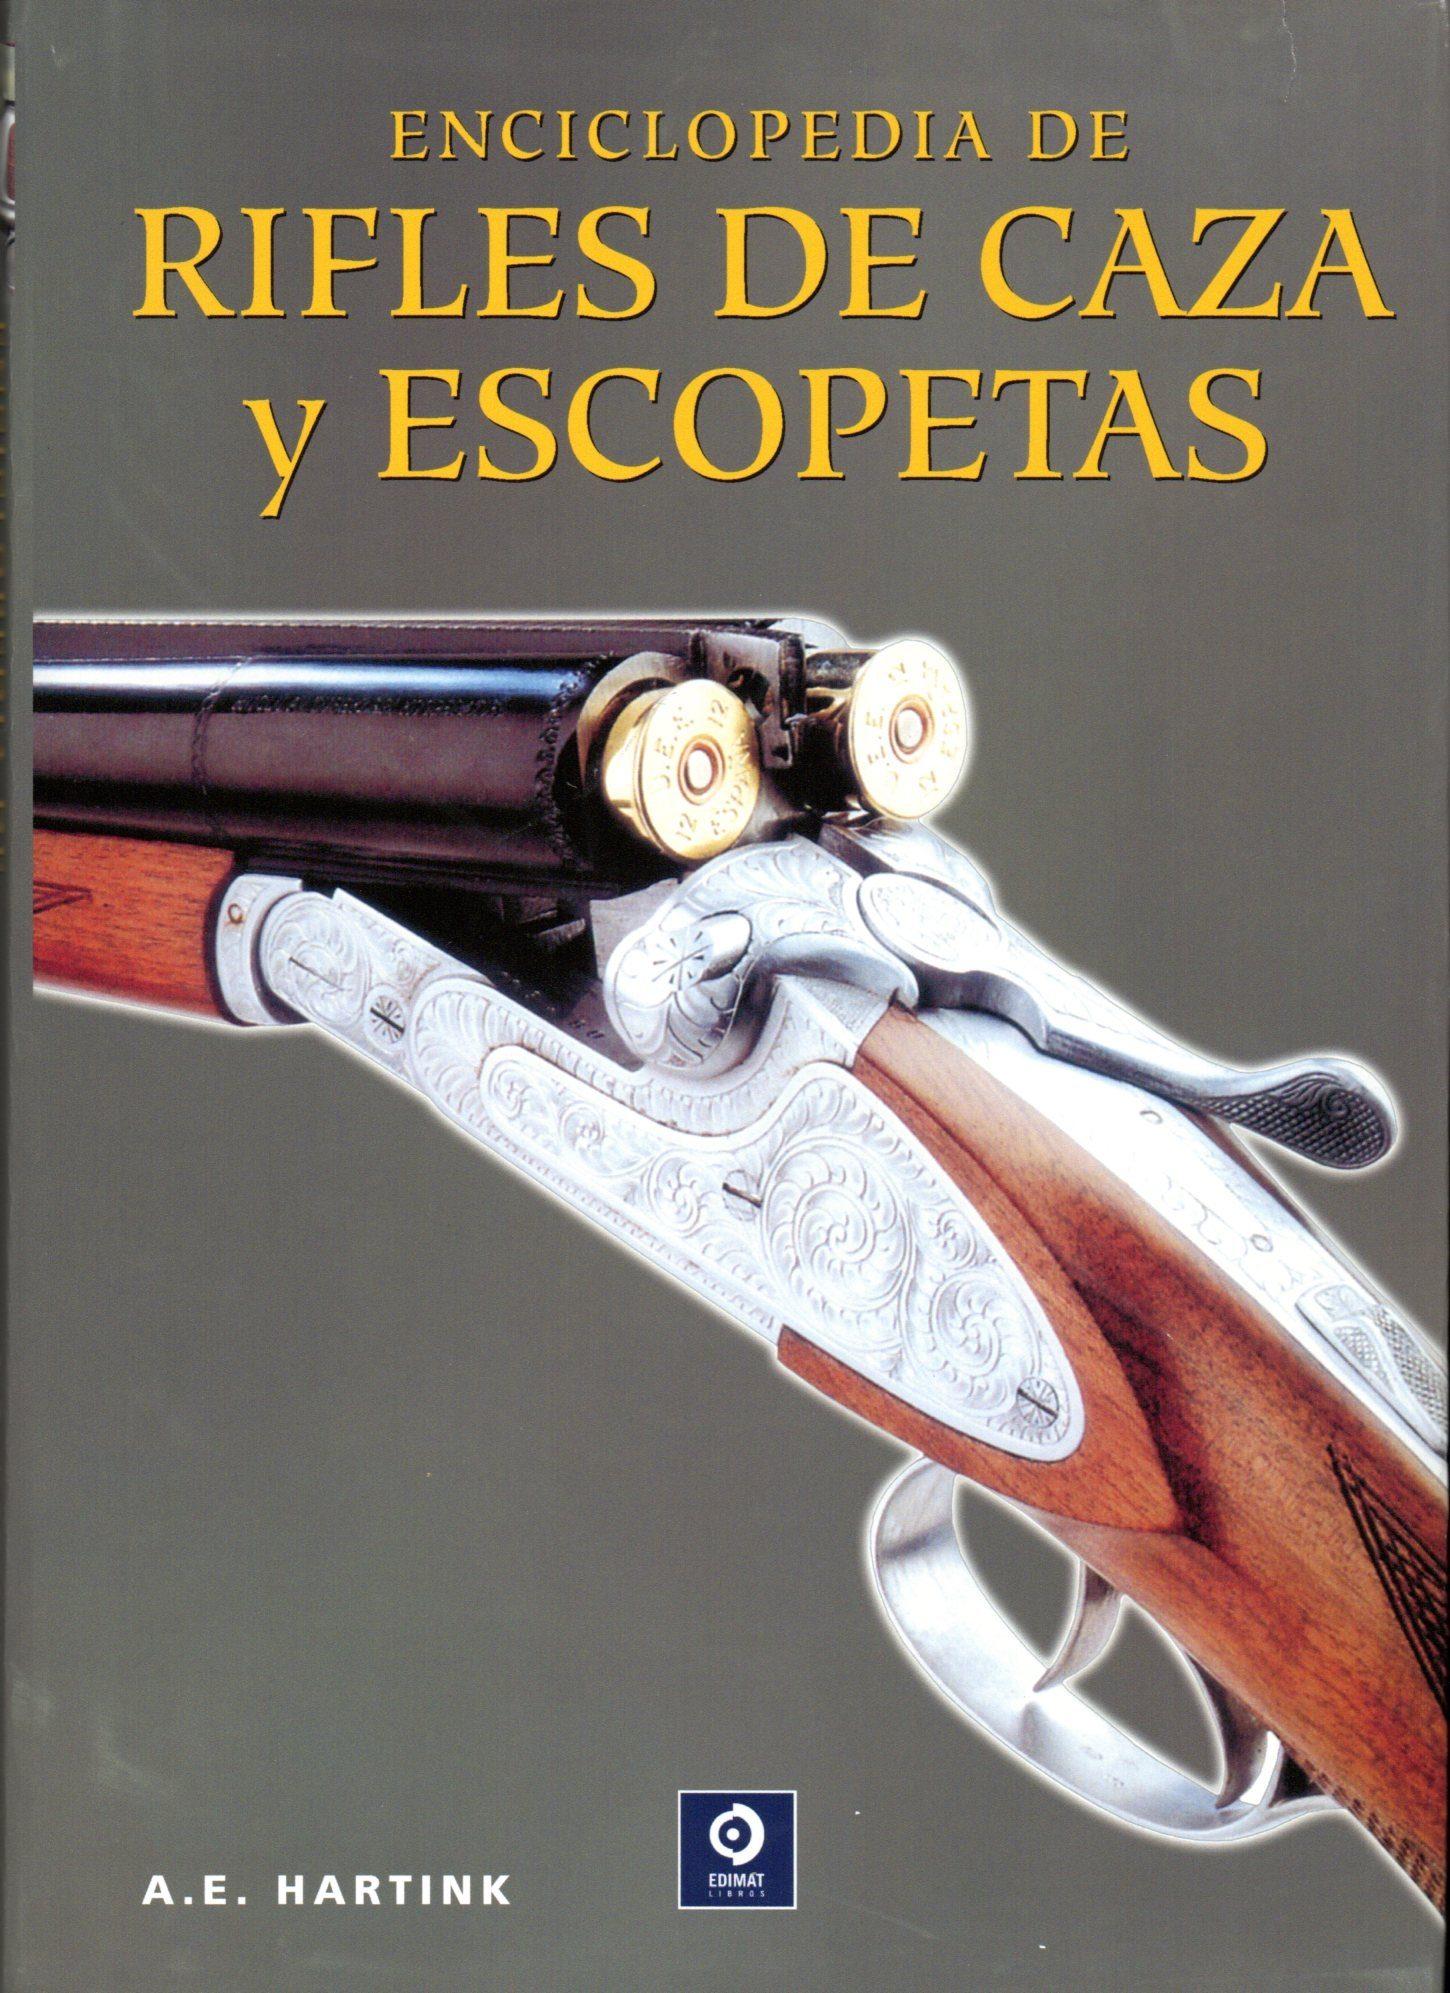 enciclopedia de rifles de caza y escopetas-a.e. hartink-9788497941952